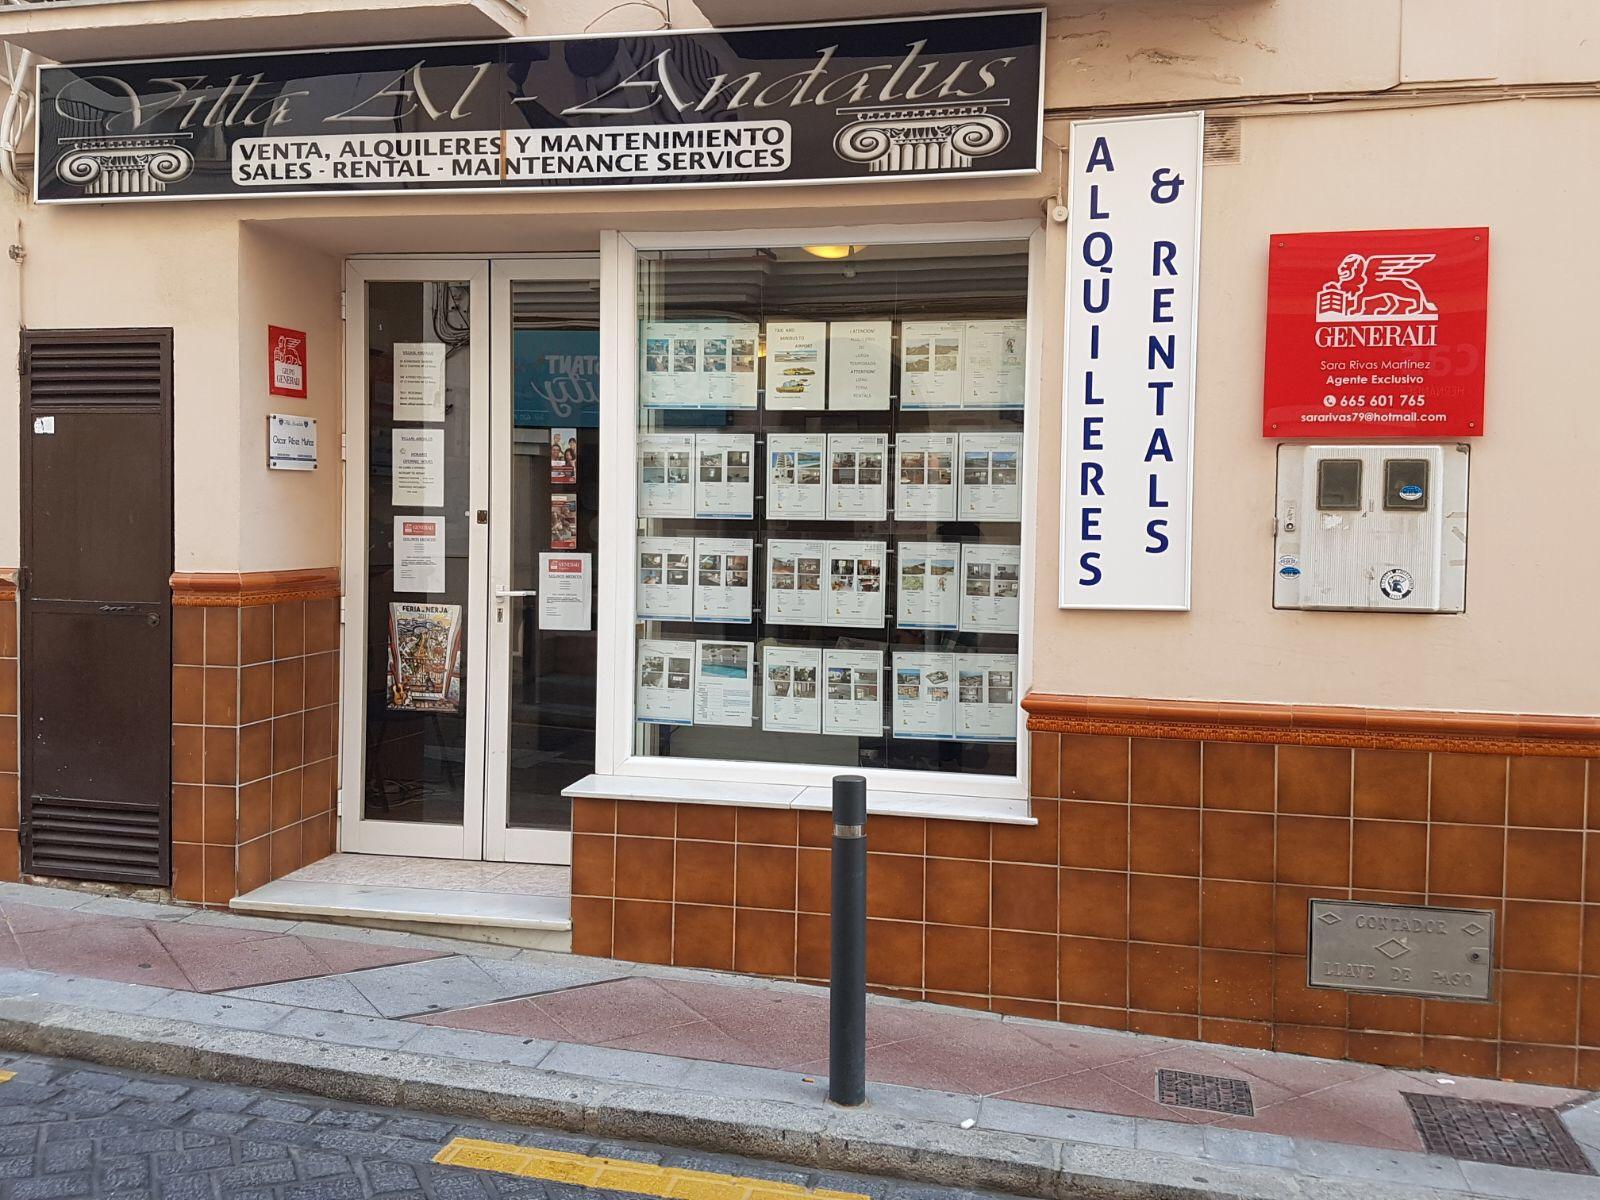 Oficina Villa Al Andalus en Calle Angustia Nerja